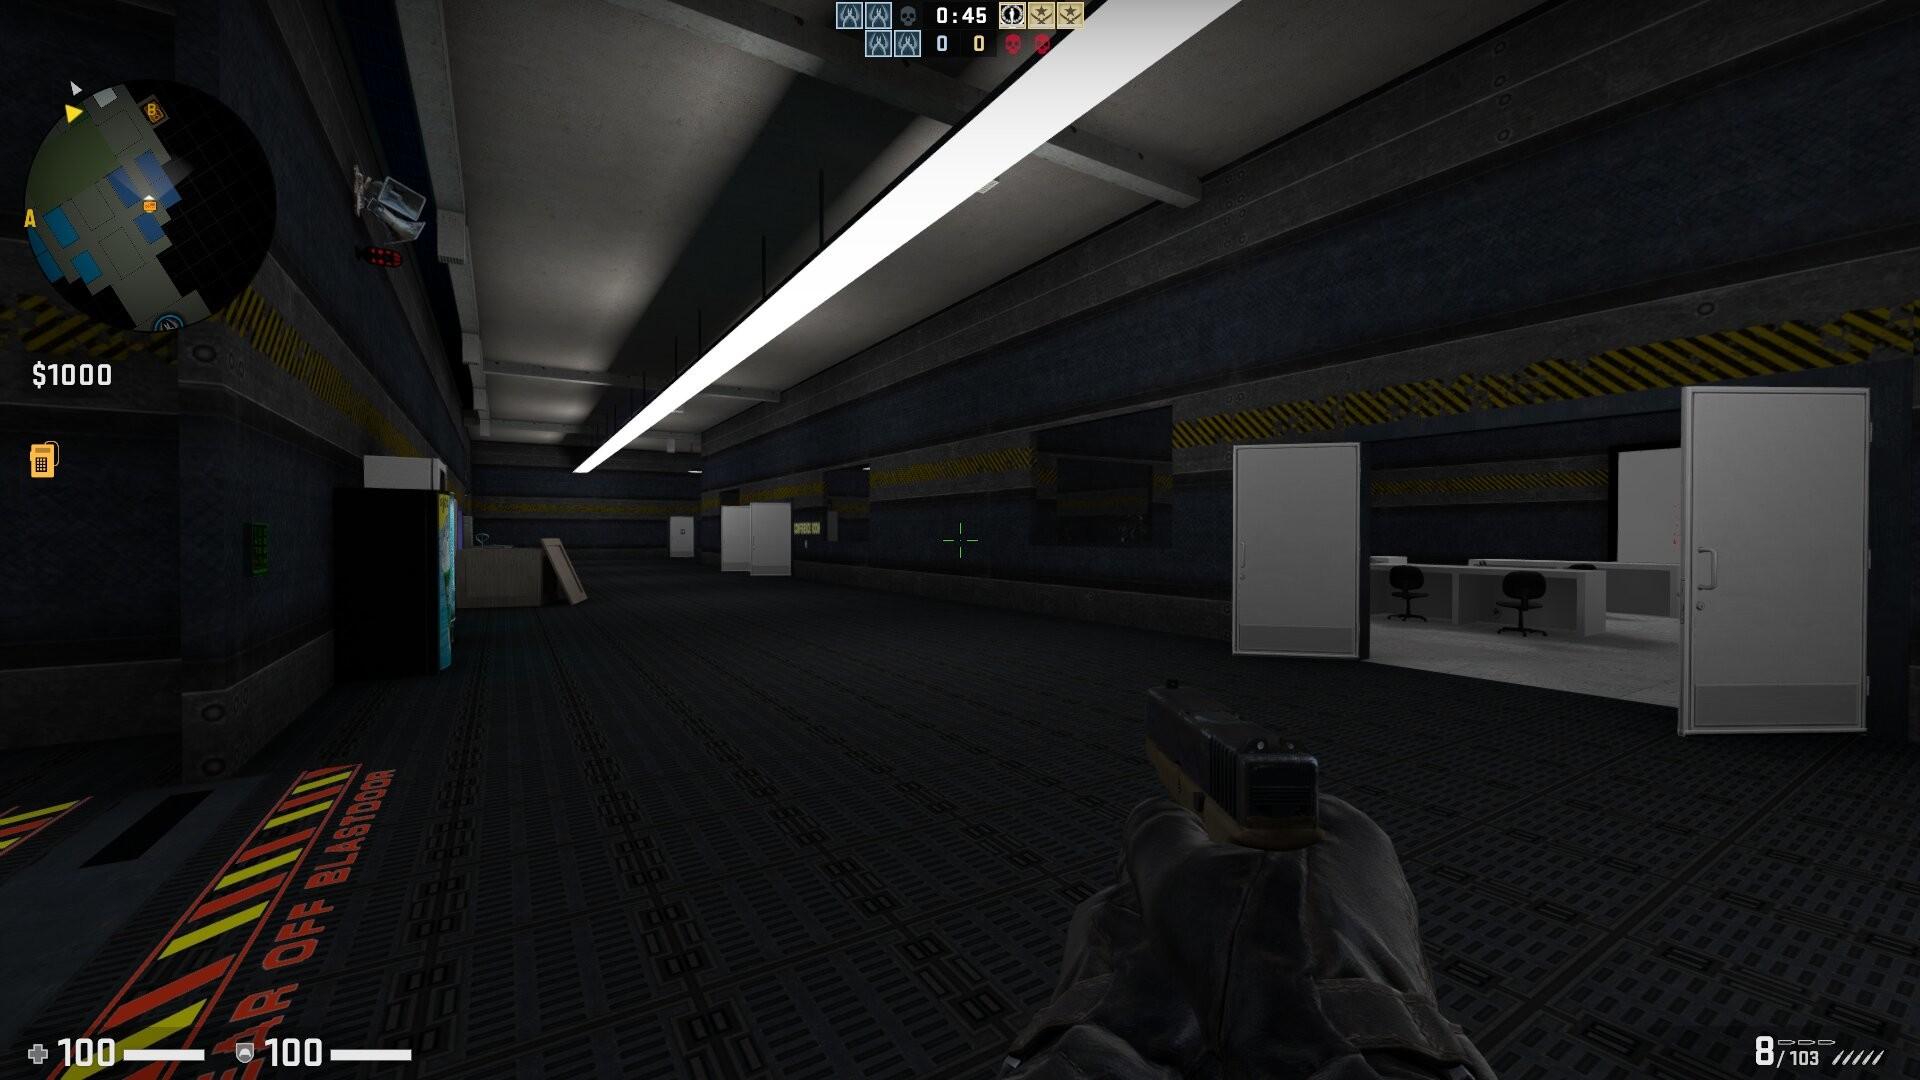 de_polemarchos_facility0001.jpg